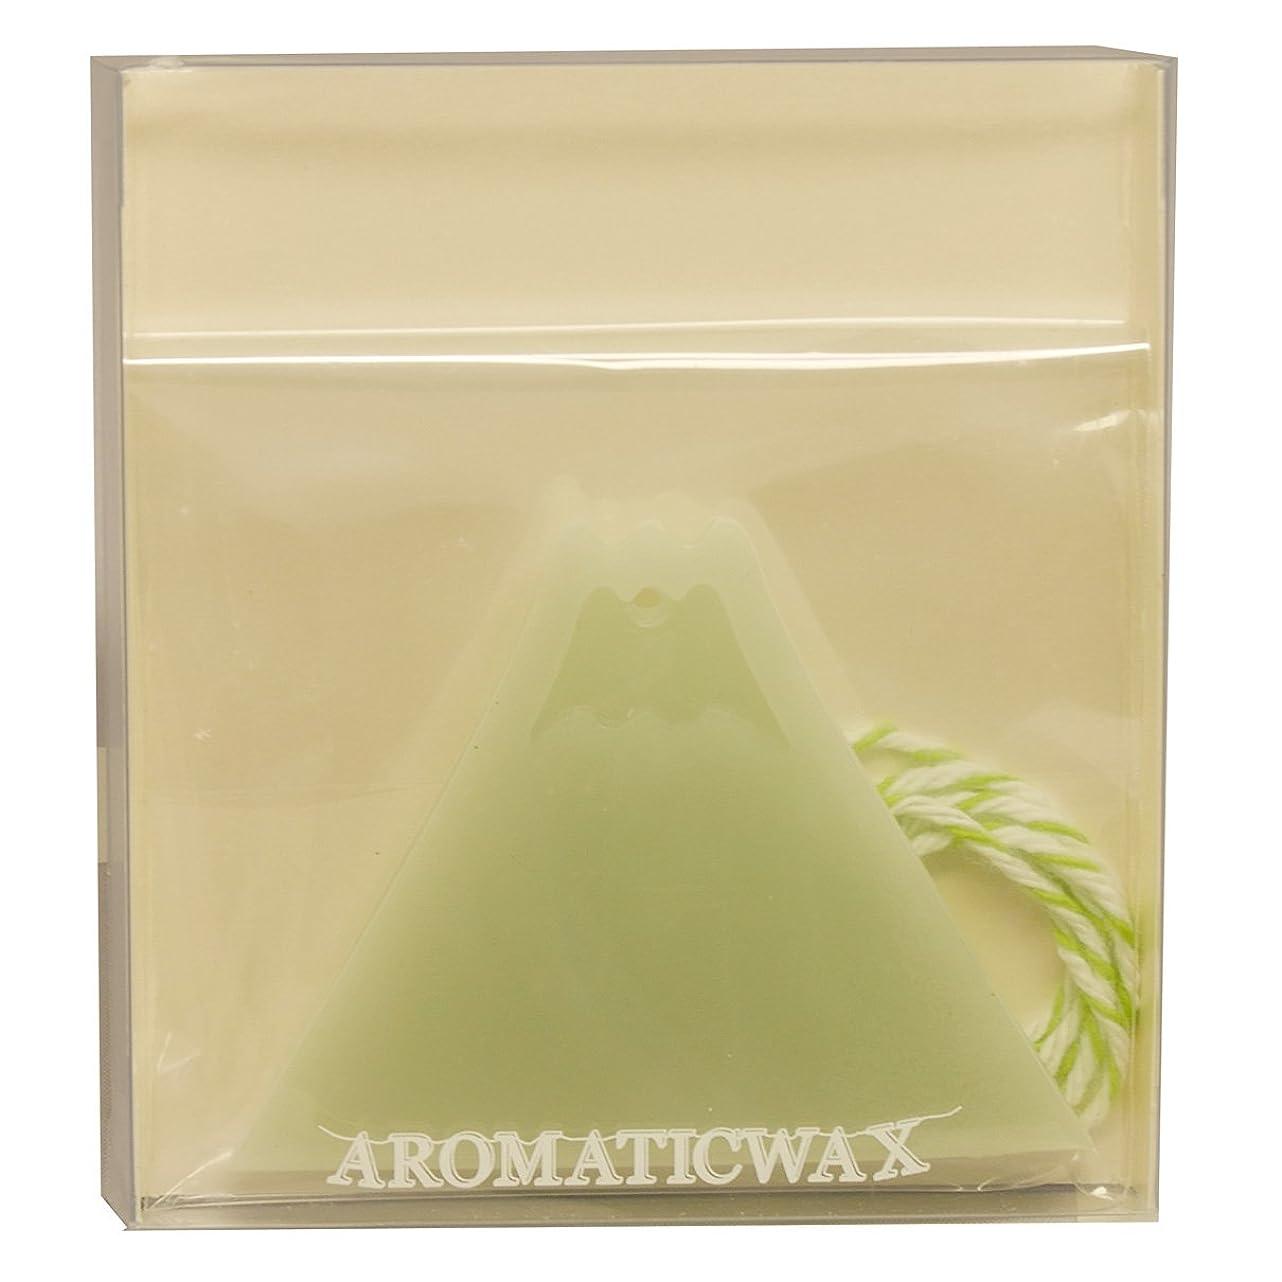 突進吸うから聞くGRASSE TOKYO AROMATICWAXチャーム「富士山」(GR) レモングラス アロマティックワックス グラーストウキョウ